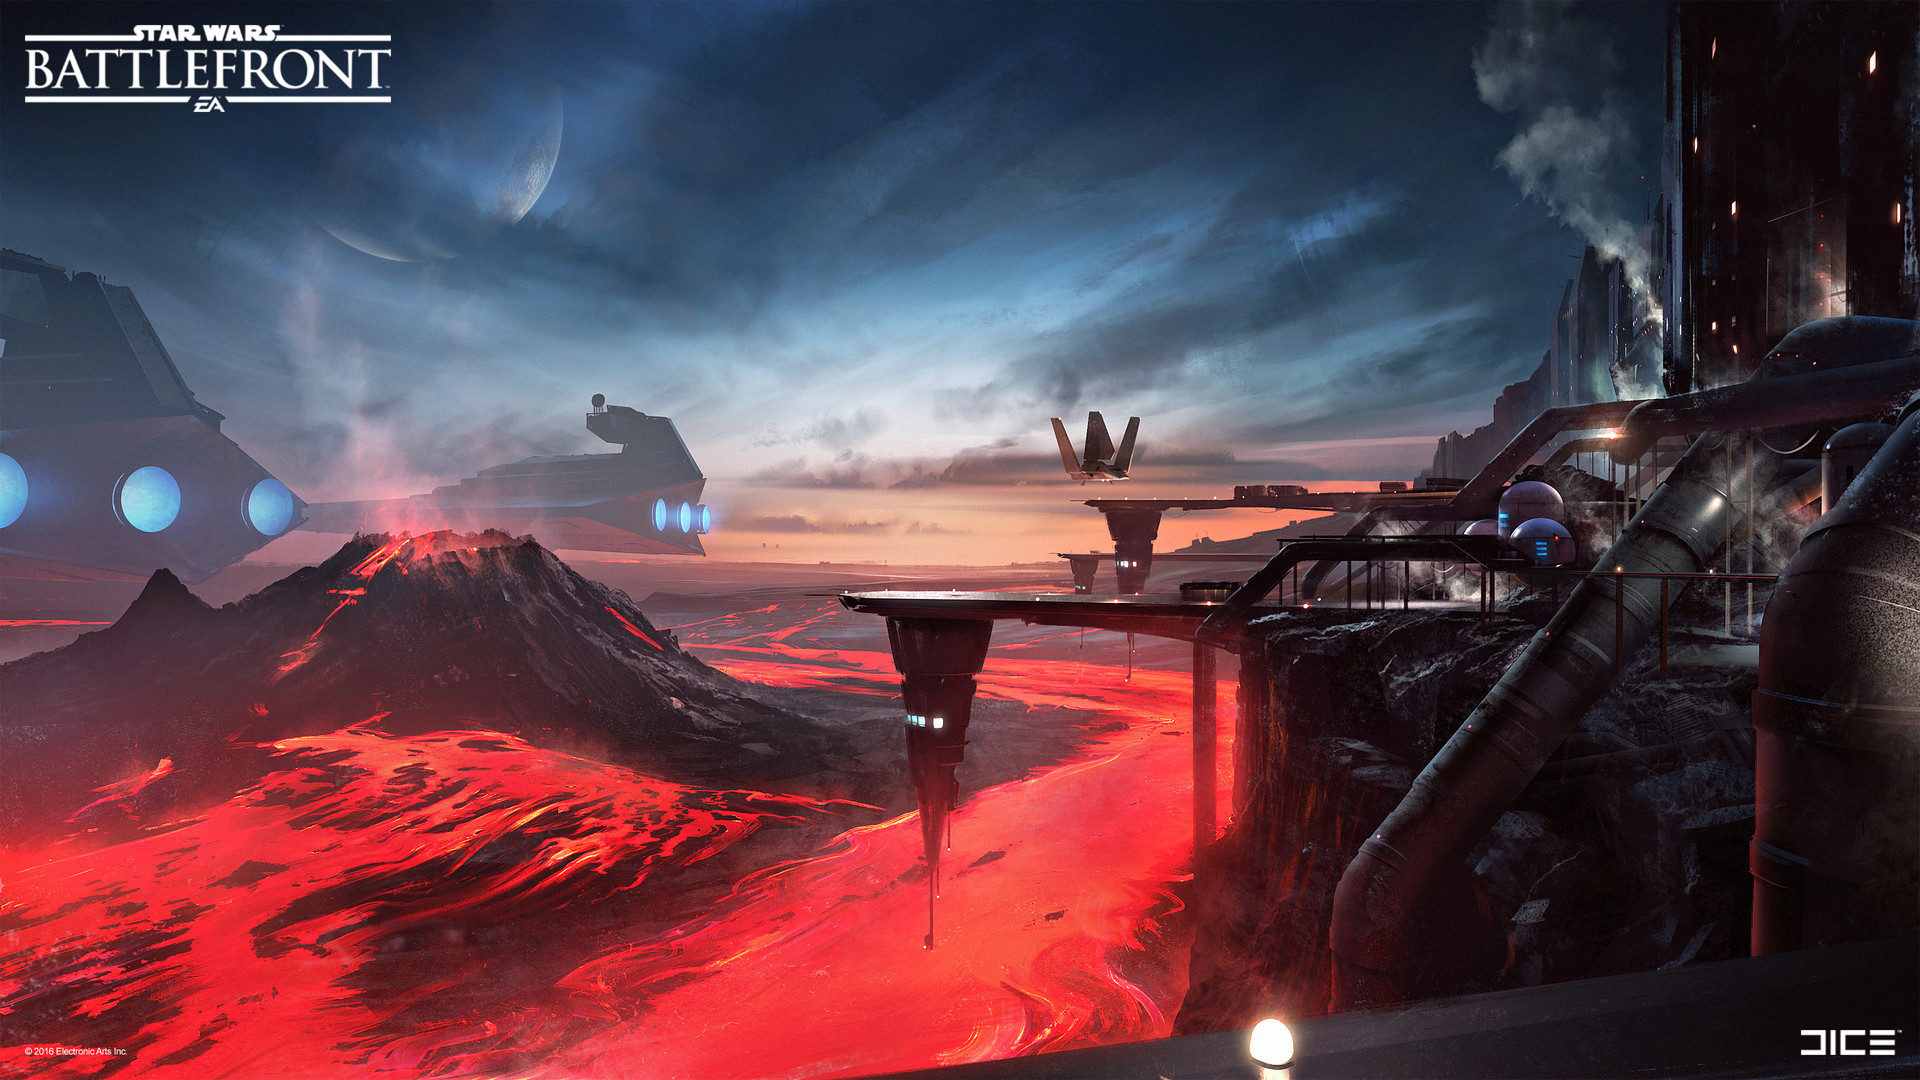 artstation - sorosuub factory concept art for the star wars